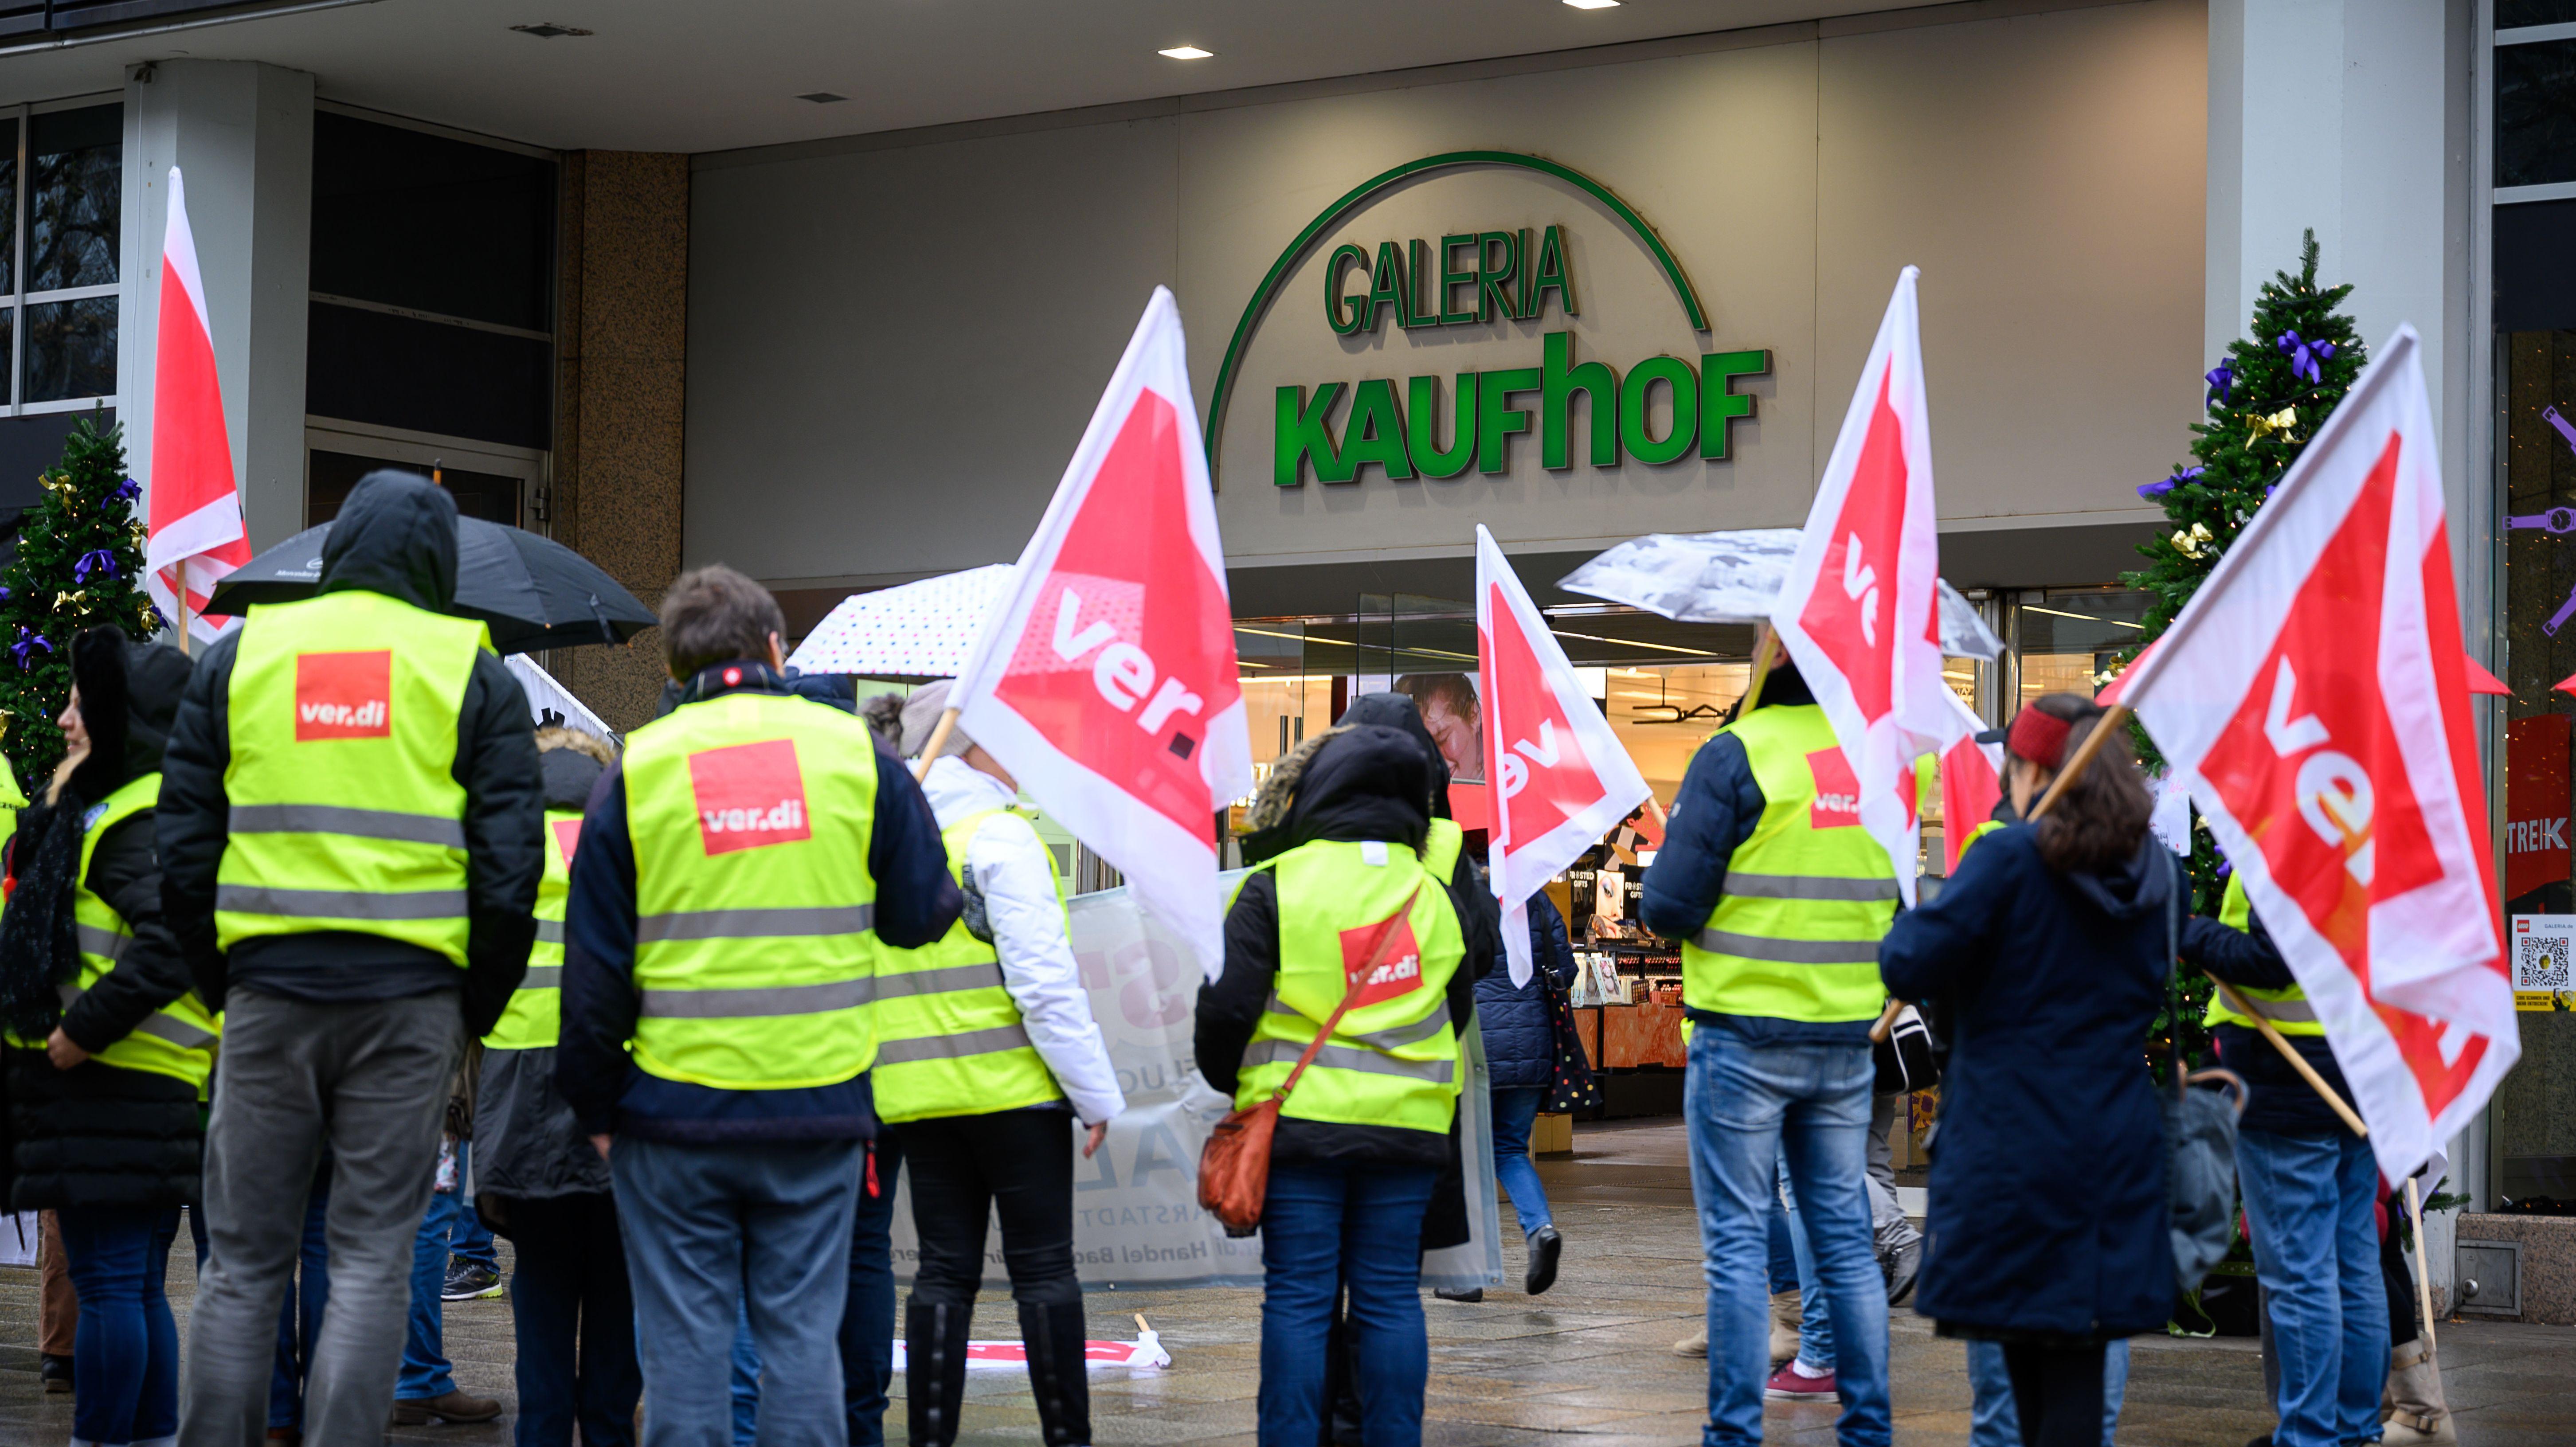 Streikende vor Kaufhof-Filiale